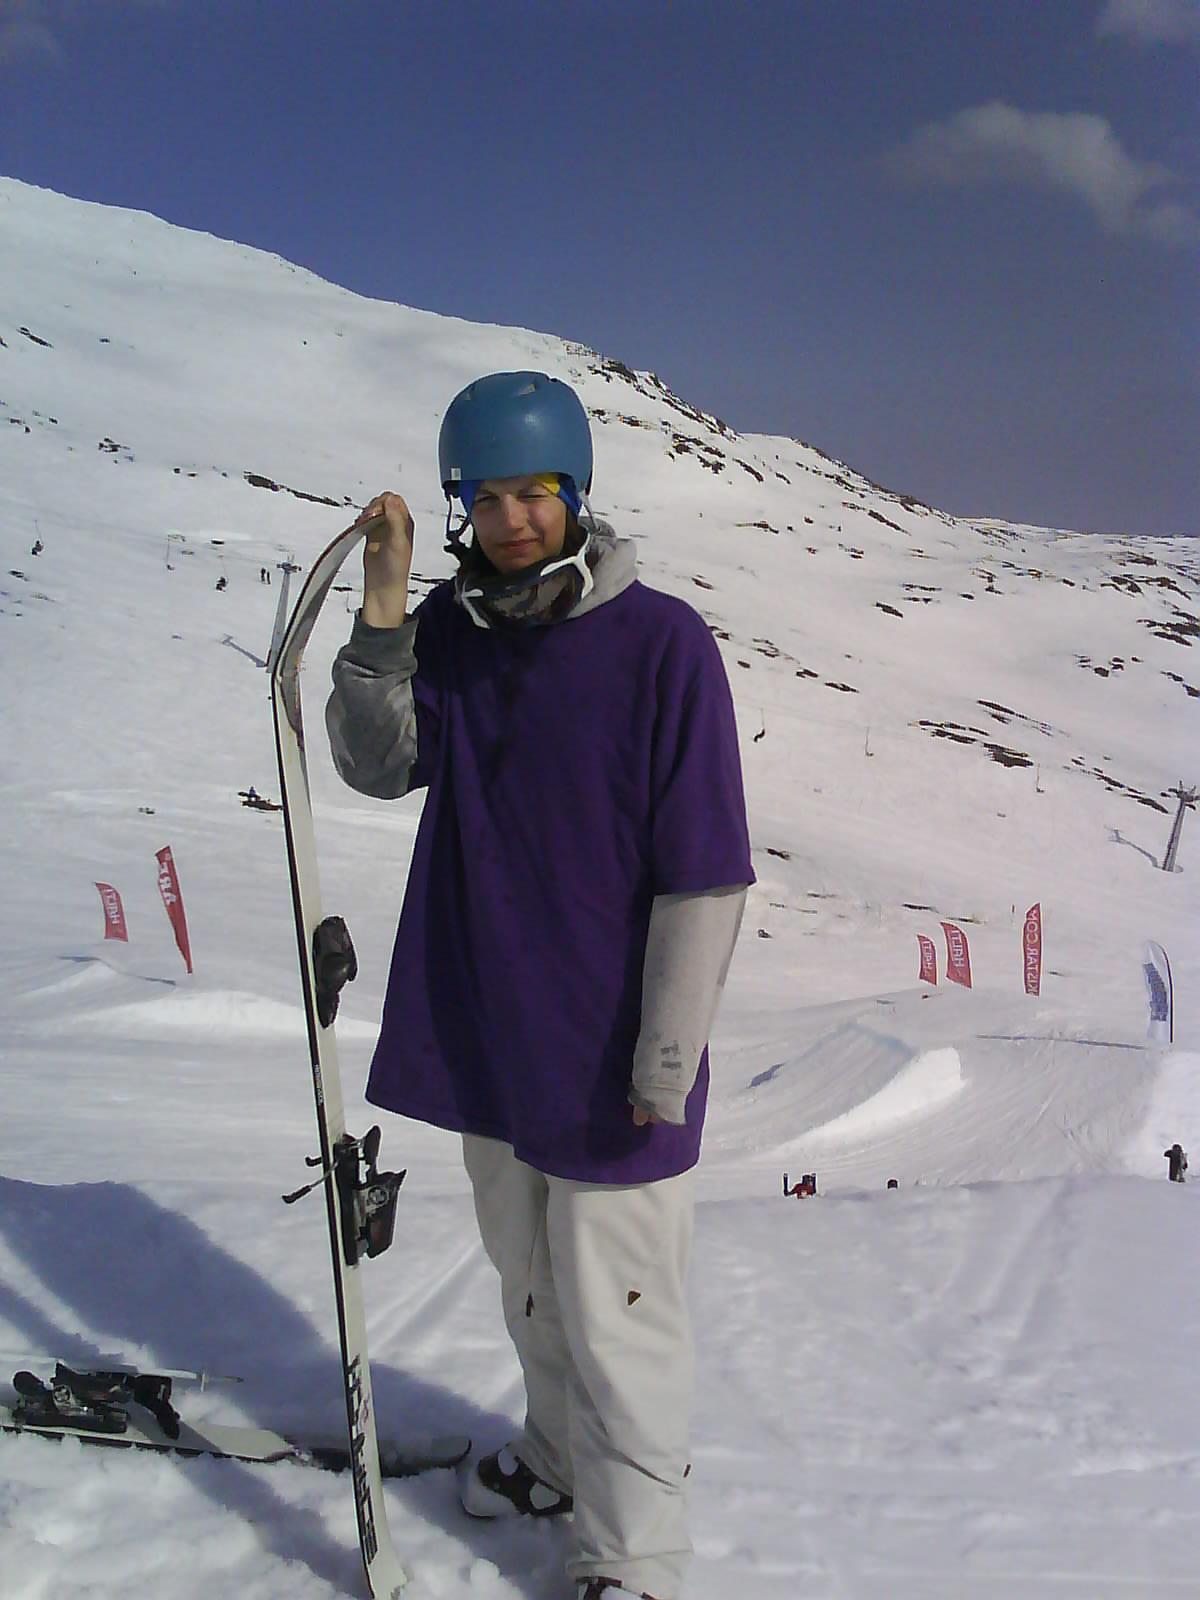 Brooooke skii